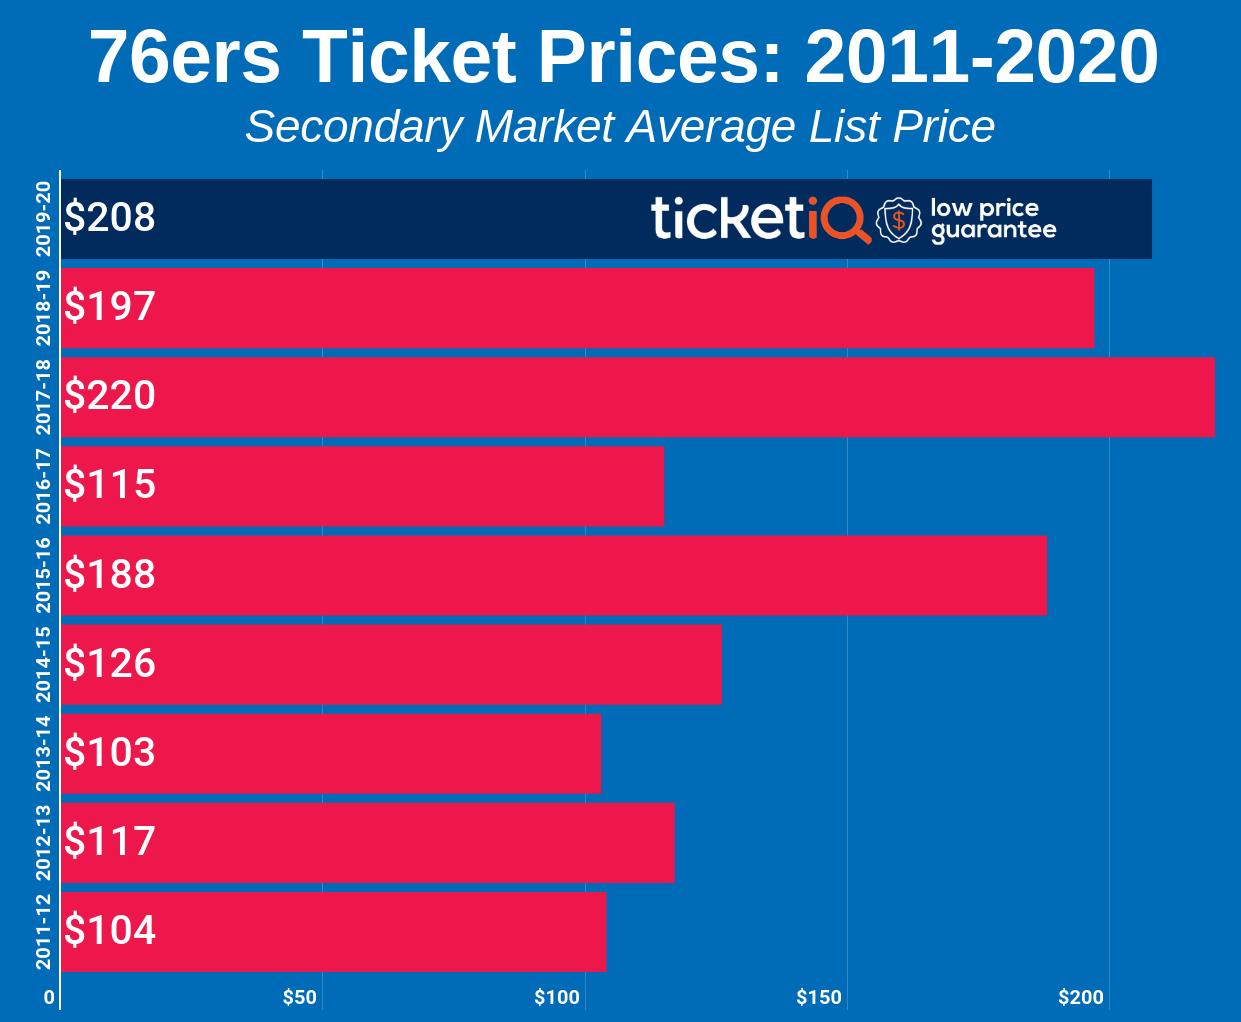 76ers-2011-2020